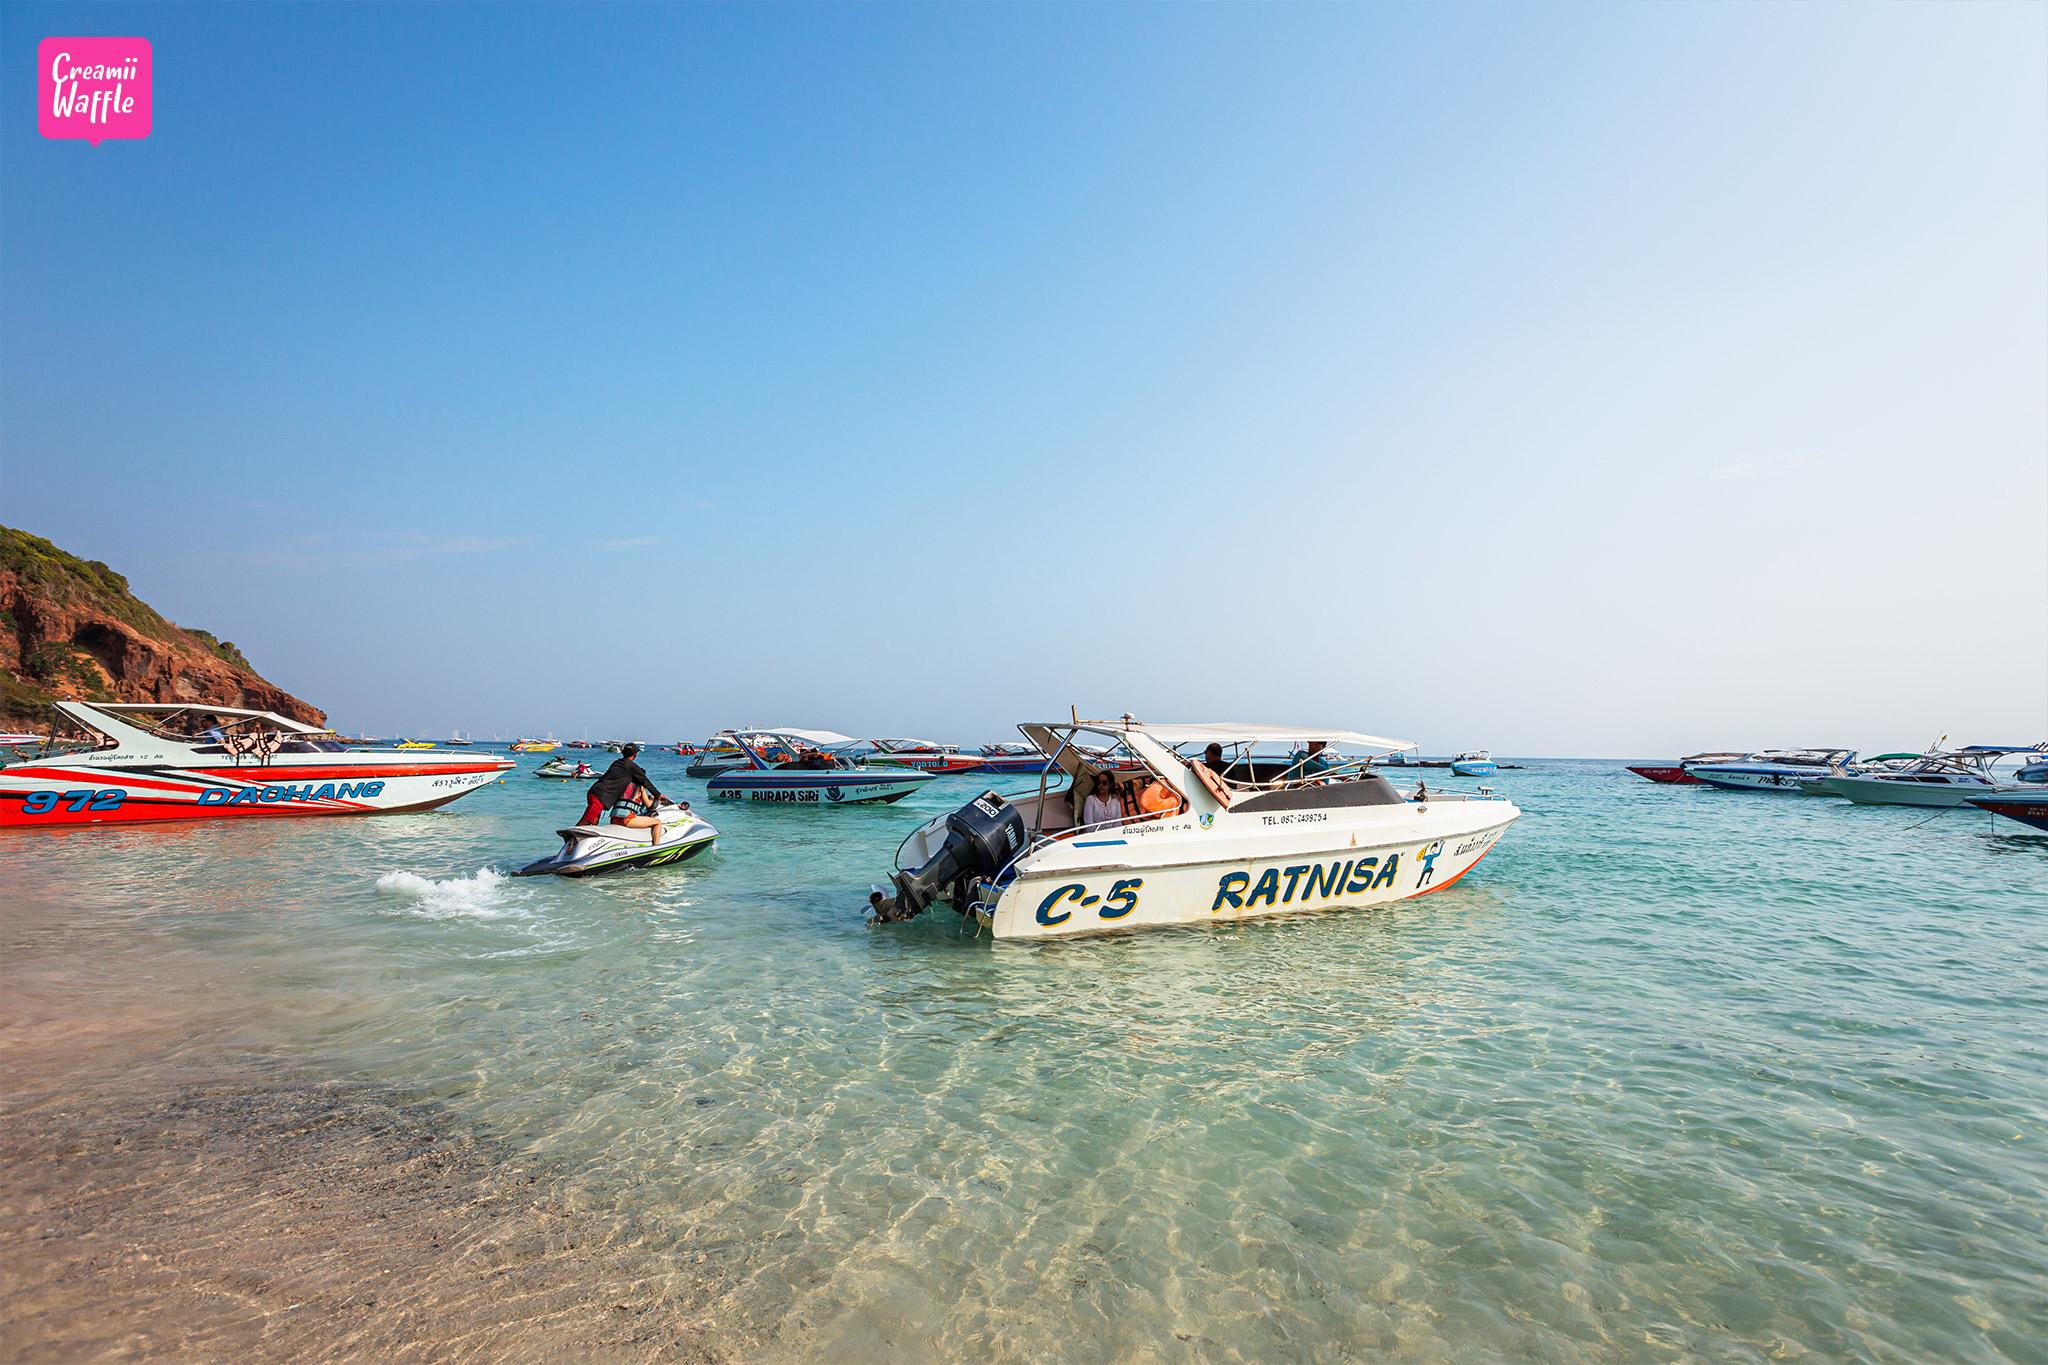 เกาะล้าน เกาะในอ่าวไทย